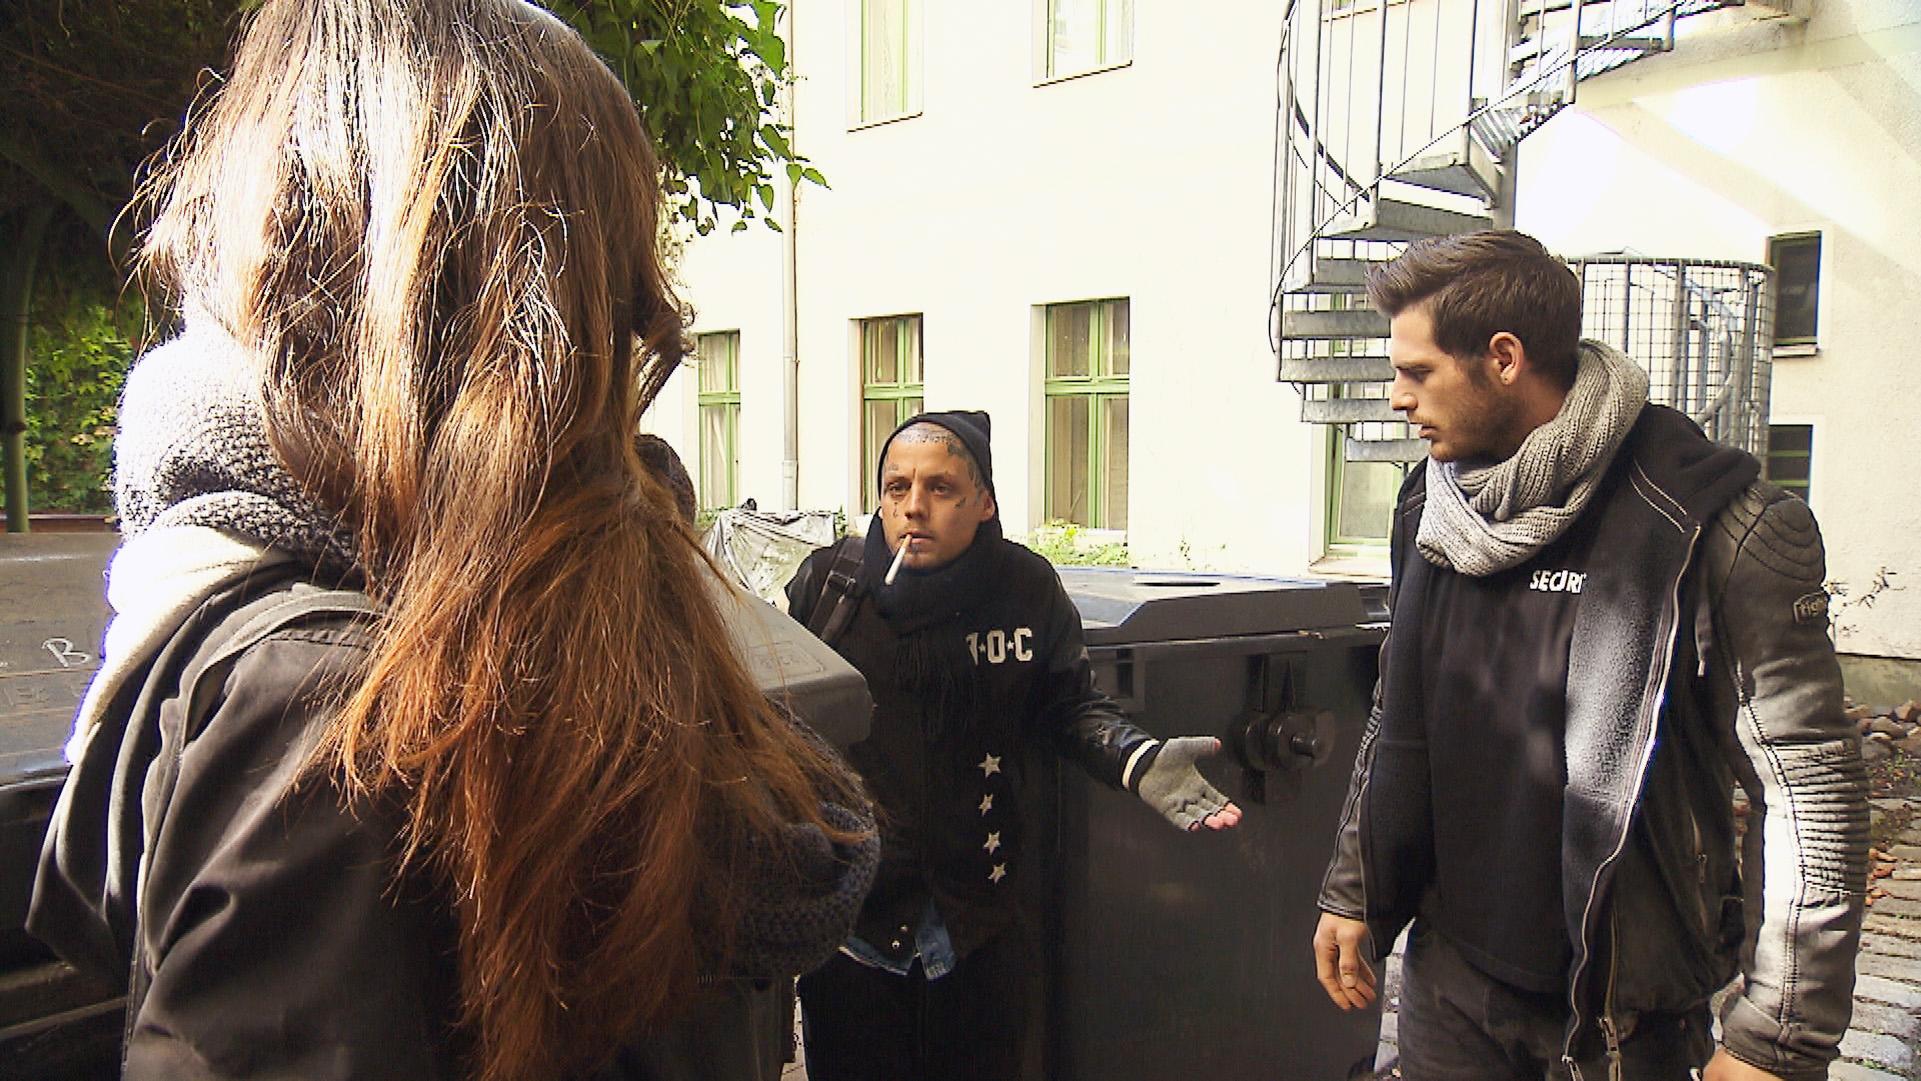 Caro muss feststellen, dass Niklas die Nacht in der Mülltonne vor dem Loft verbracht hat. Sie will ihn schnell loswerden, doch Daniel besteht darauf, dass der obdachlose Niklas zuerst einmal in der Matrix-WG unterkommt. (Quelle: RTL 2)